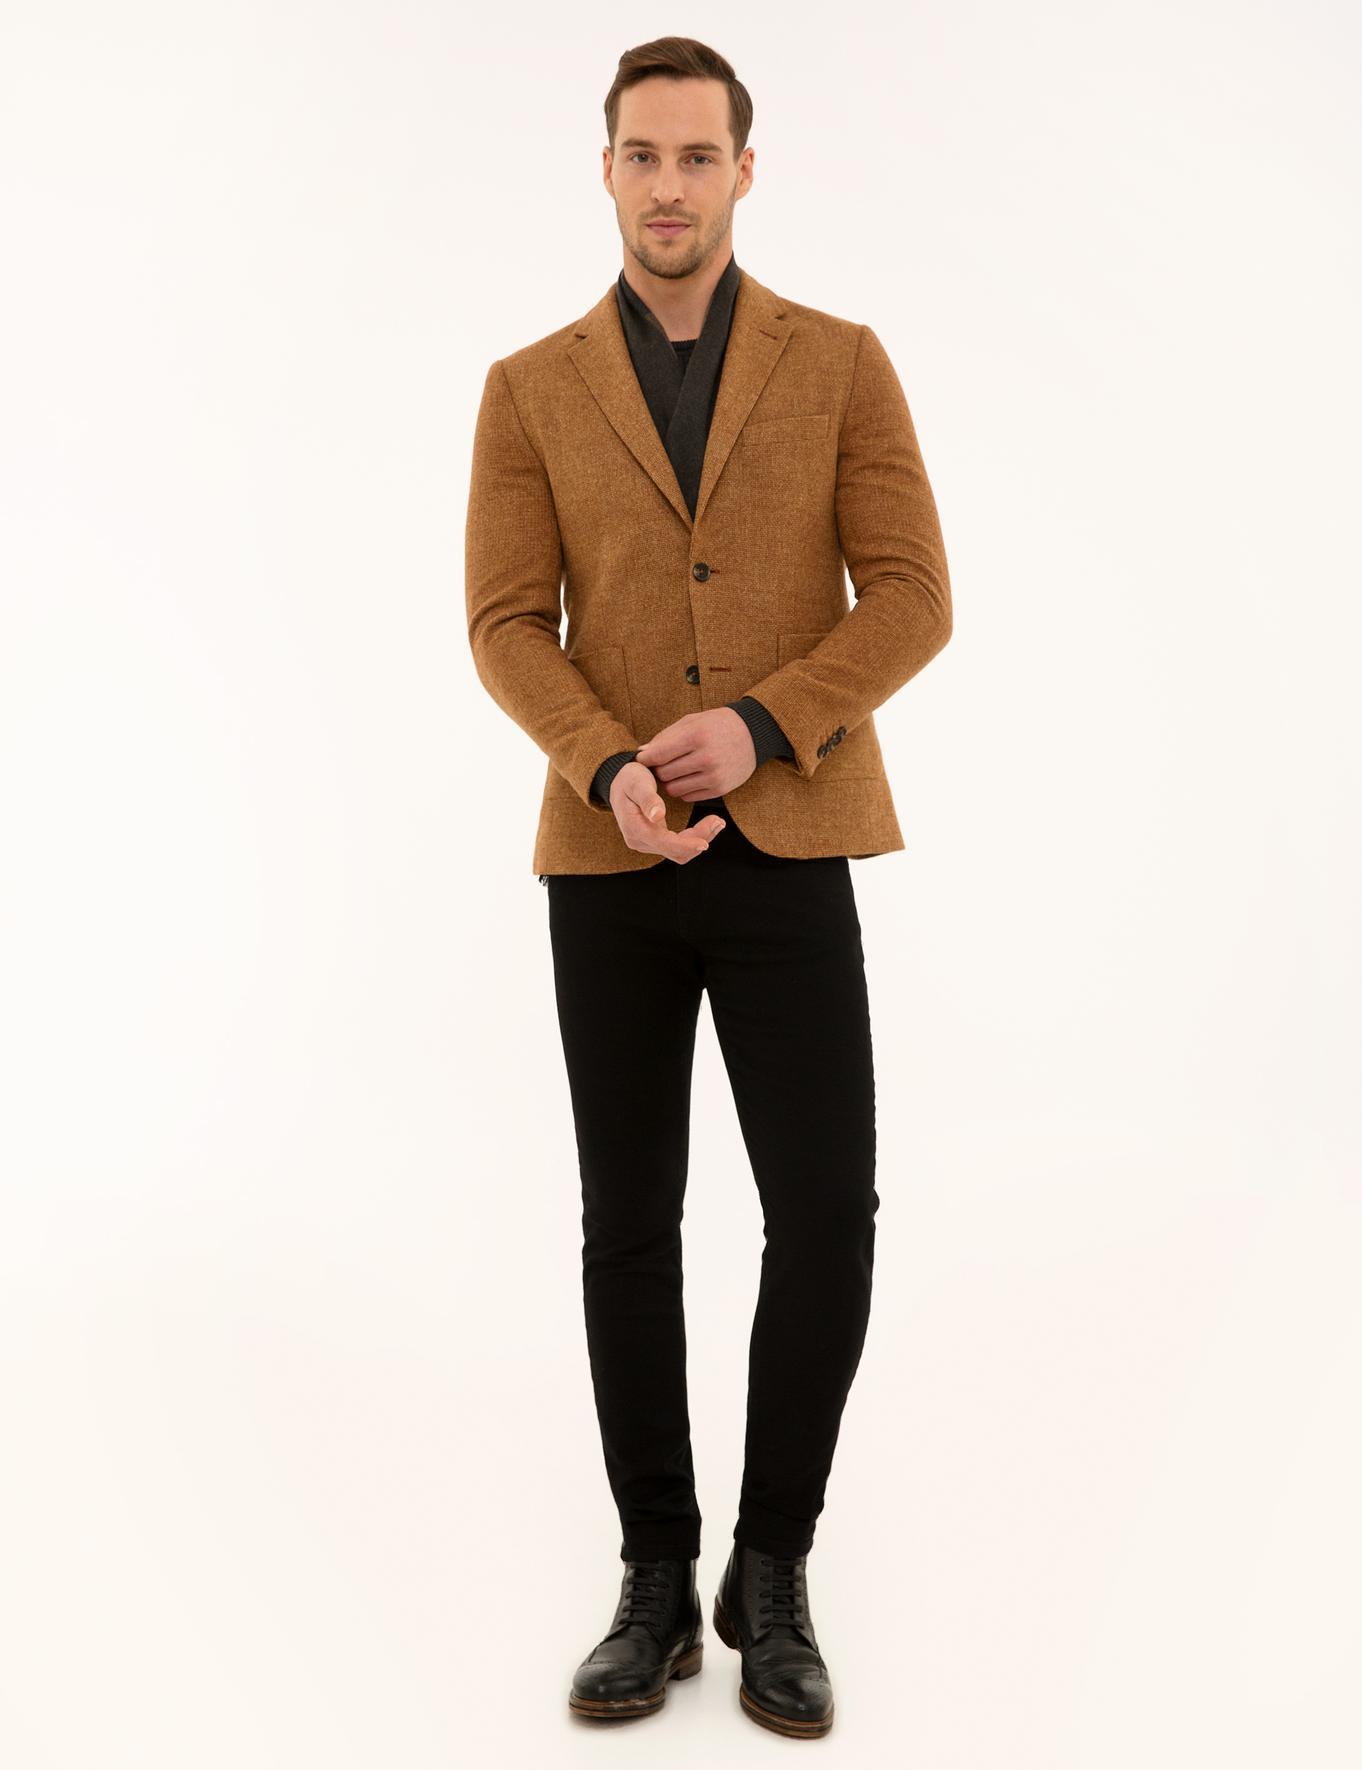 Turuncu Ekstra Slim Fit Ceket